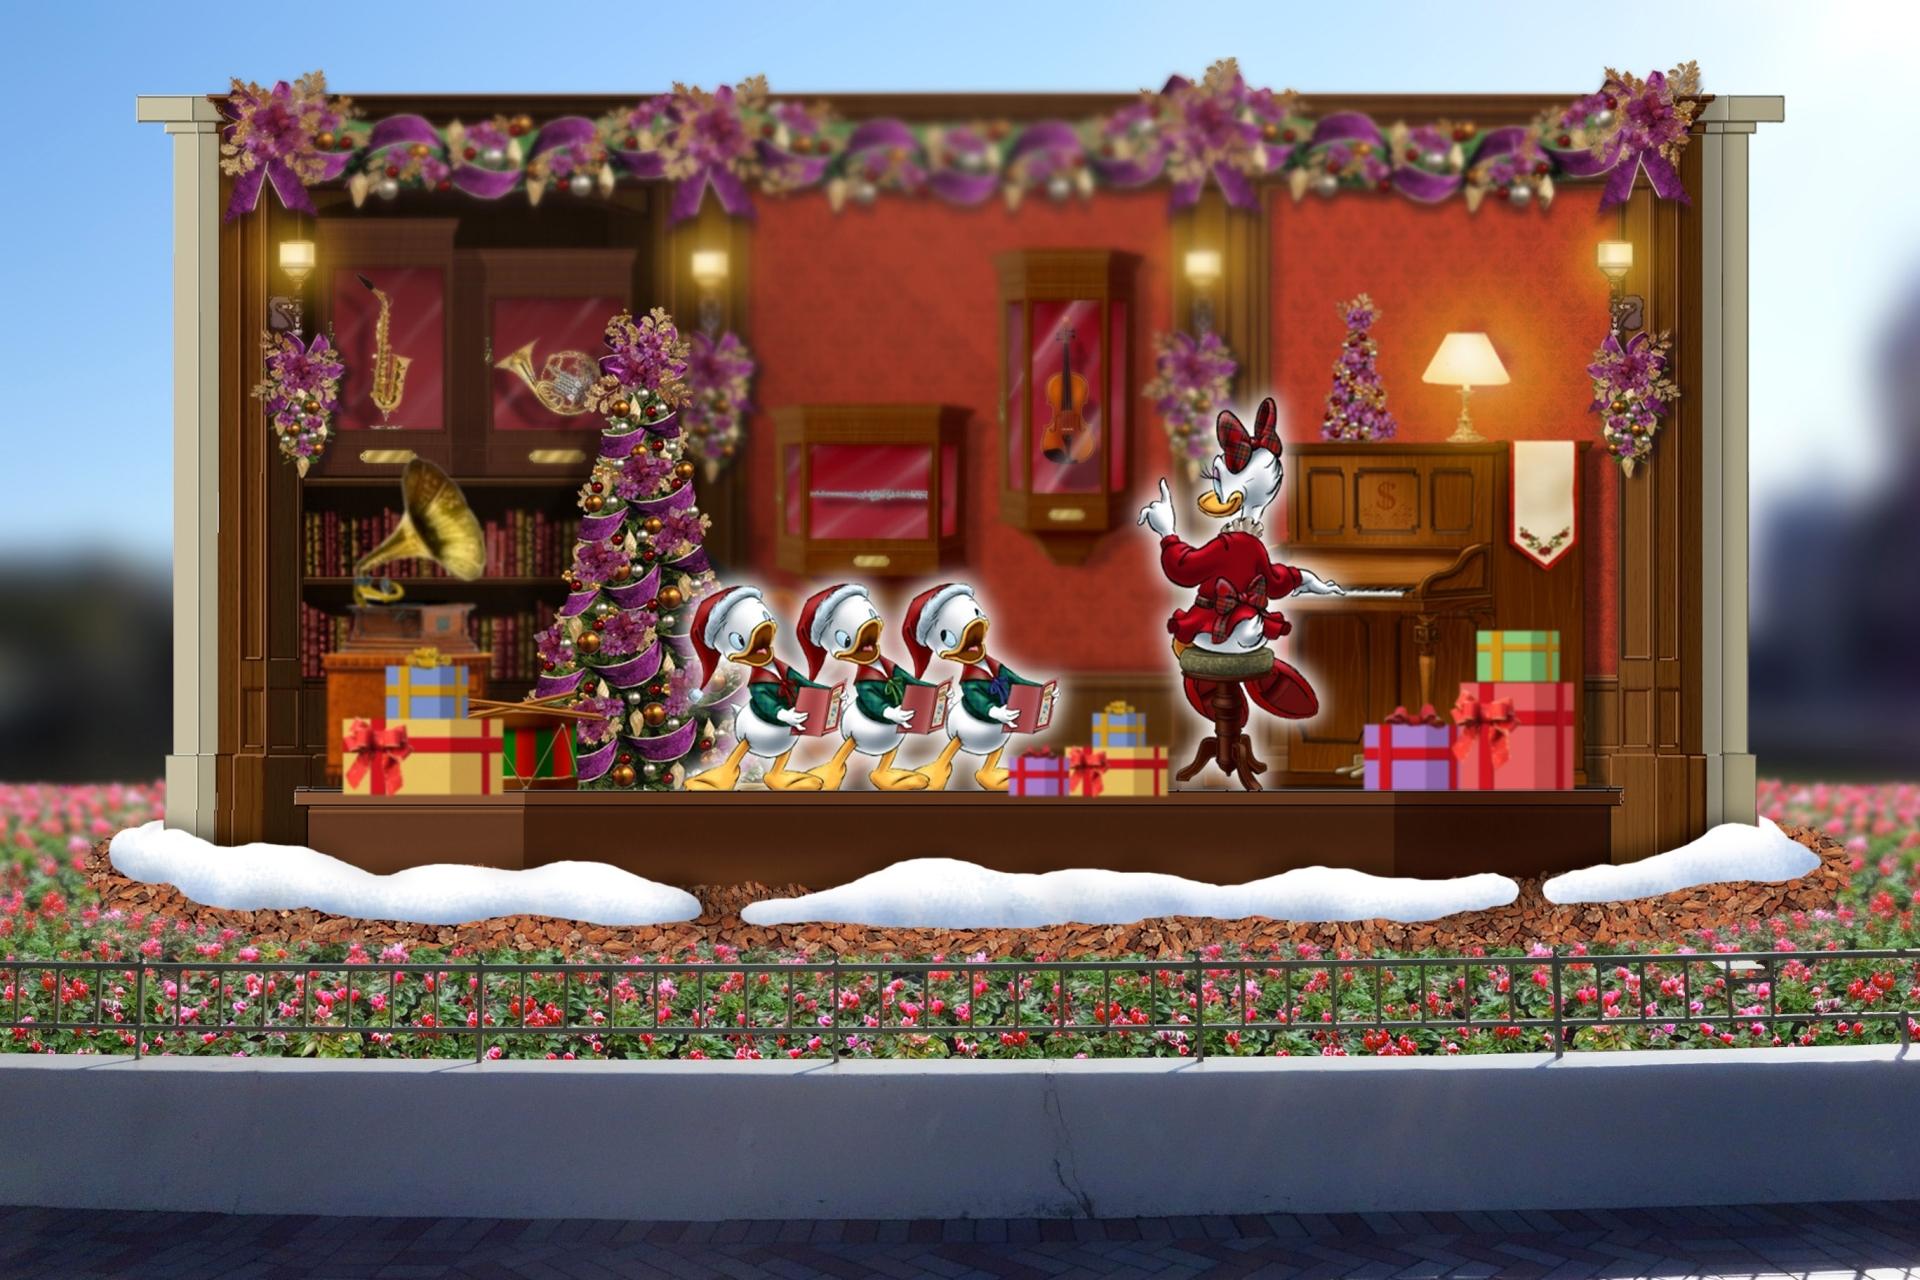 クリスマス・ファンタジー シンデレラ城前のプラザのフォトロケーション ※イメージ (C)Disney